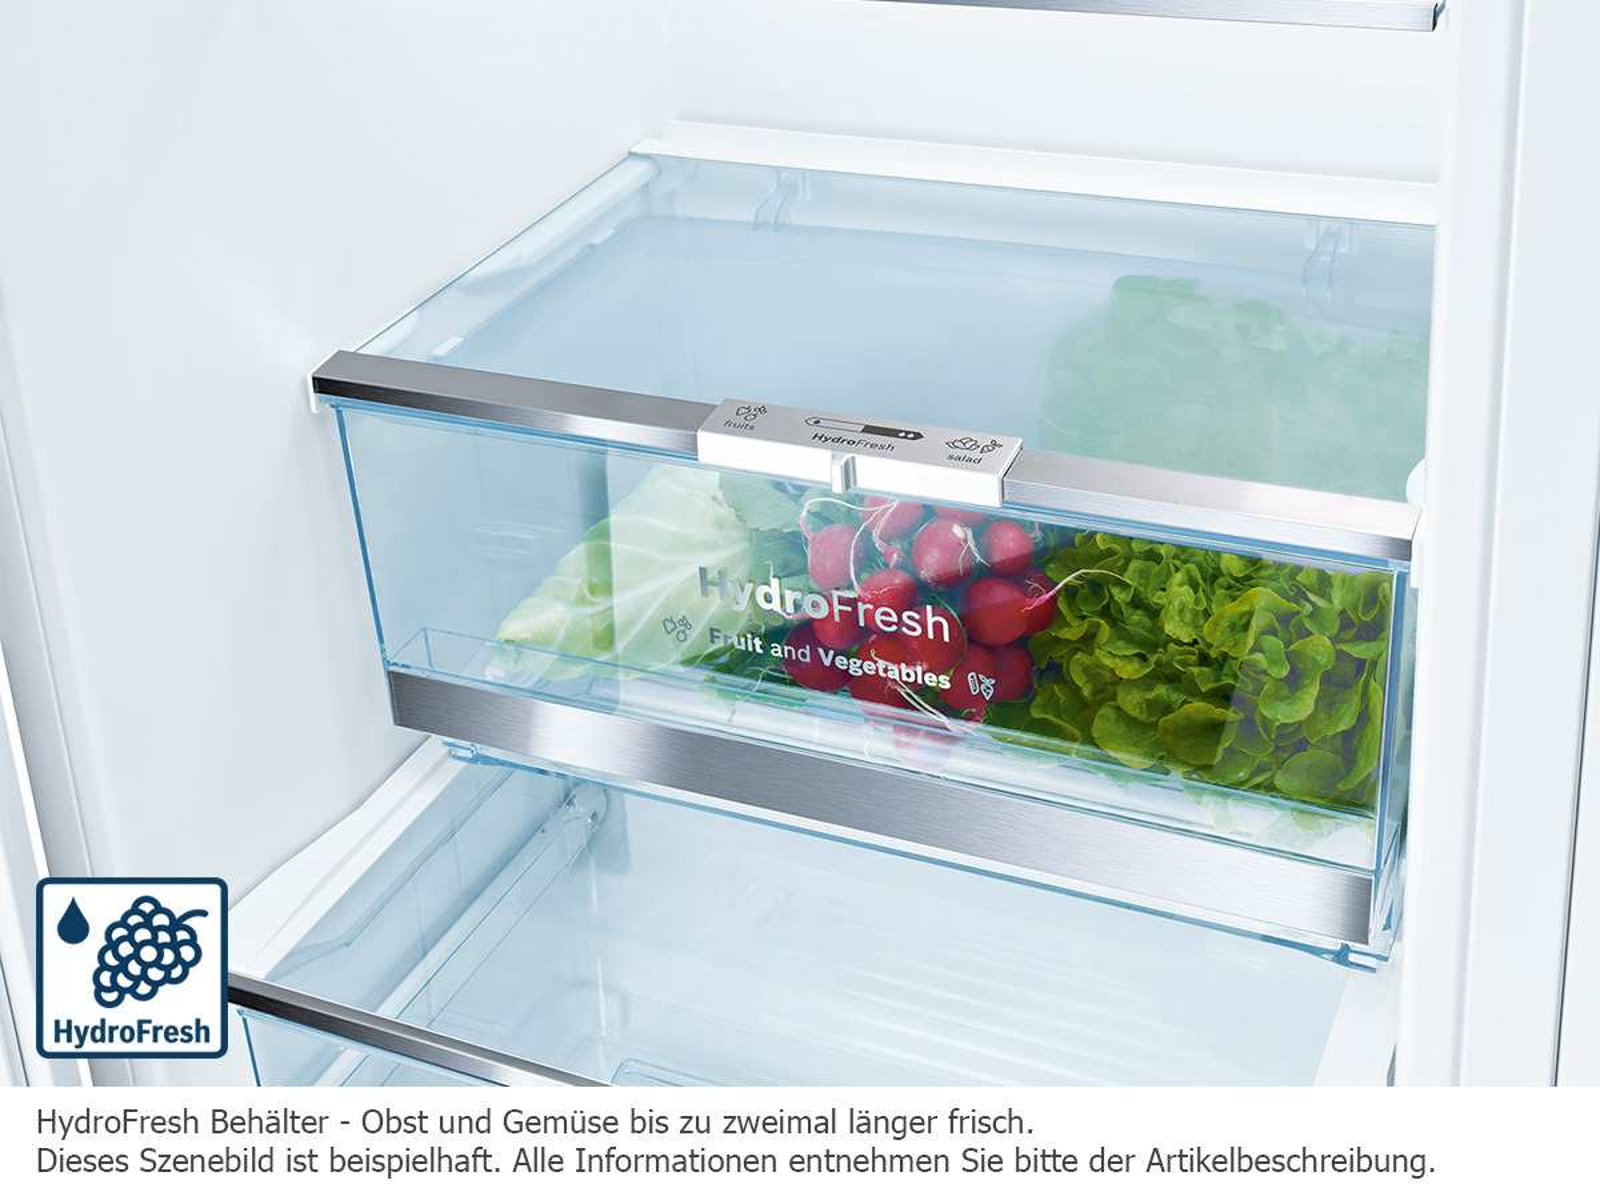 Bosch Kühlschrank Beschreibung : Bosch kil42ad40 serie 6 kühlschrank a 122 1 cm höhe 115 kwh